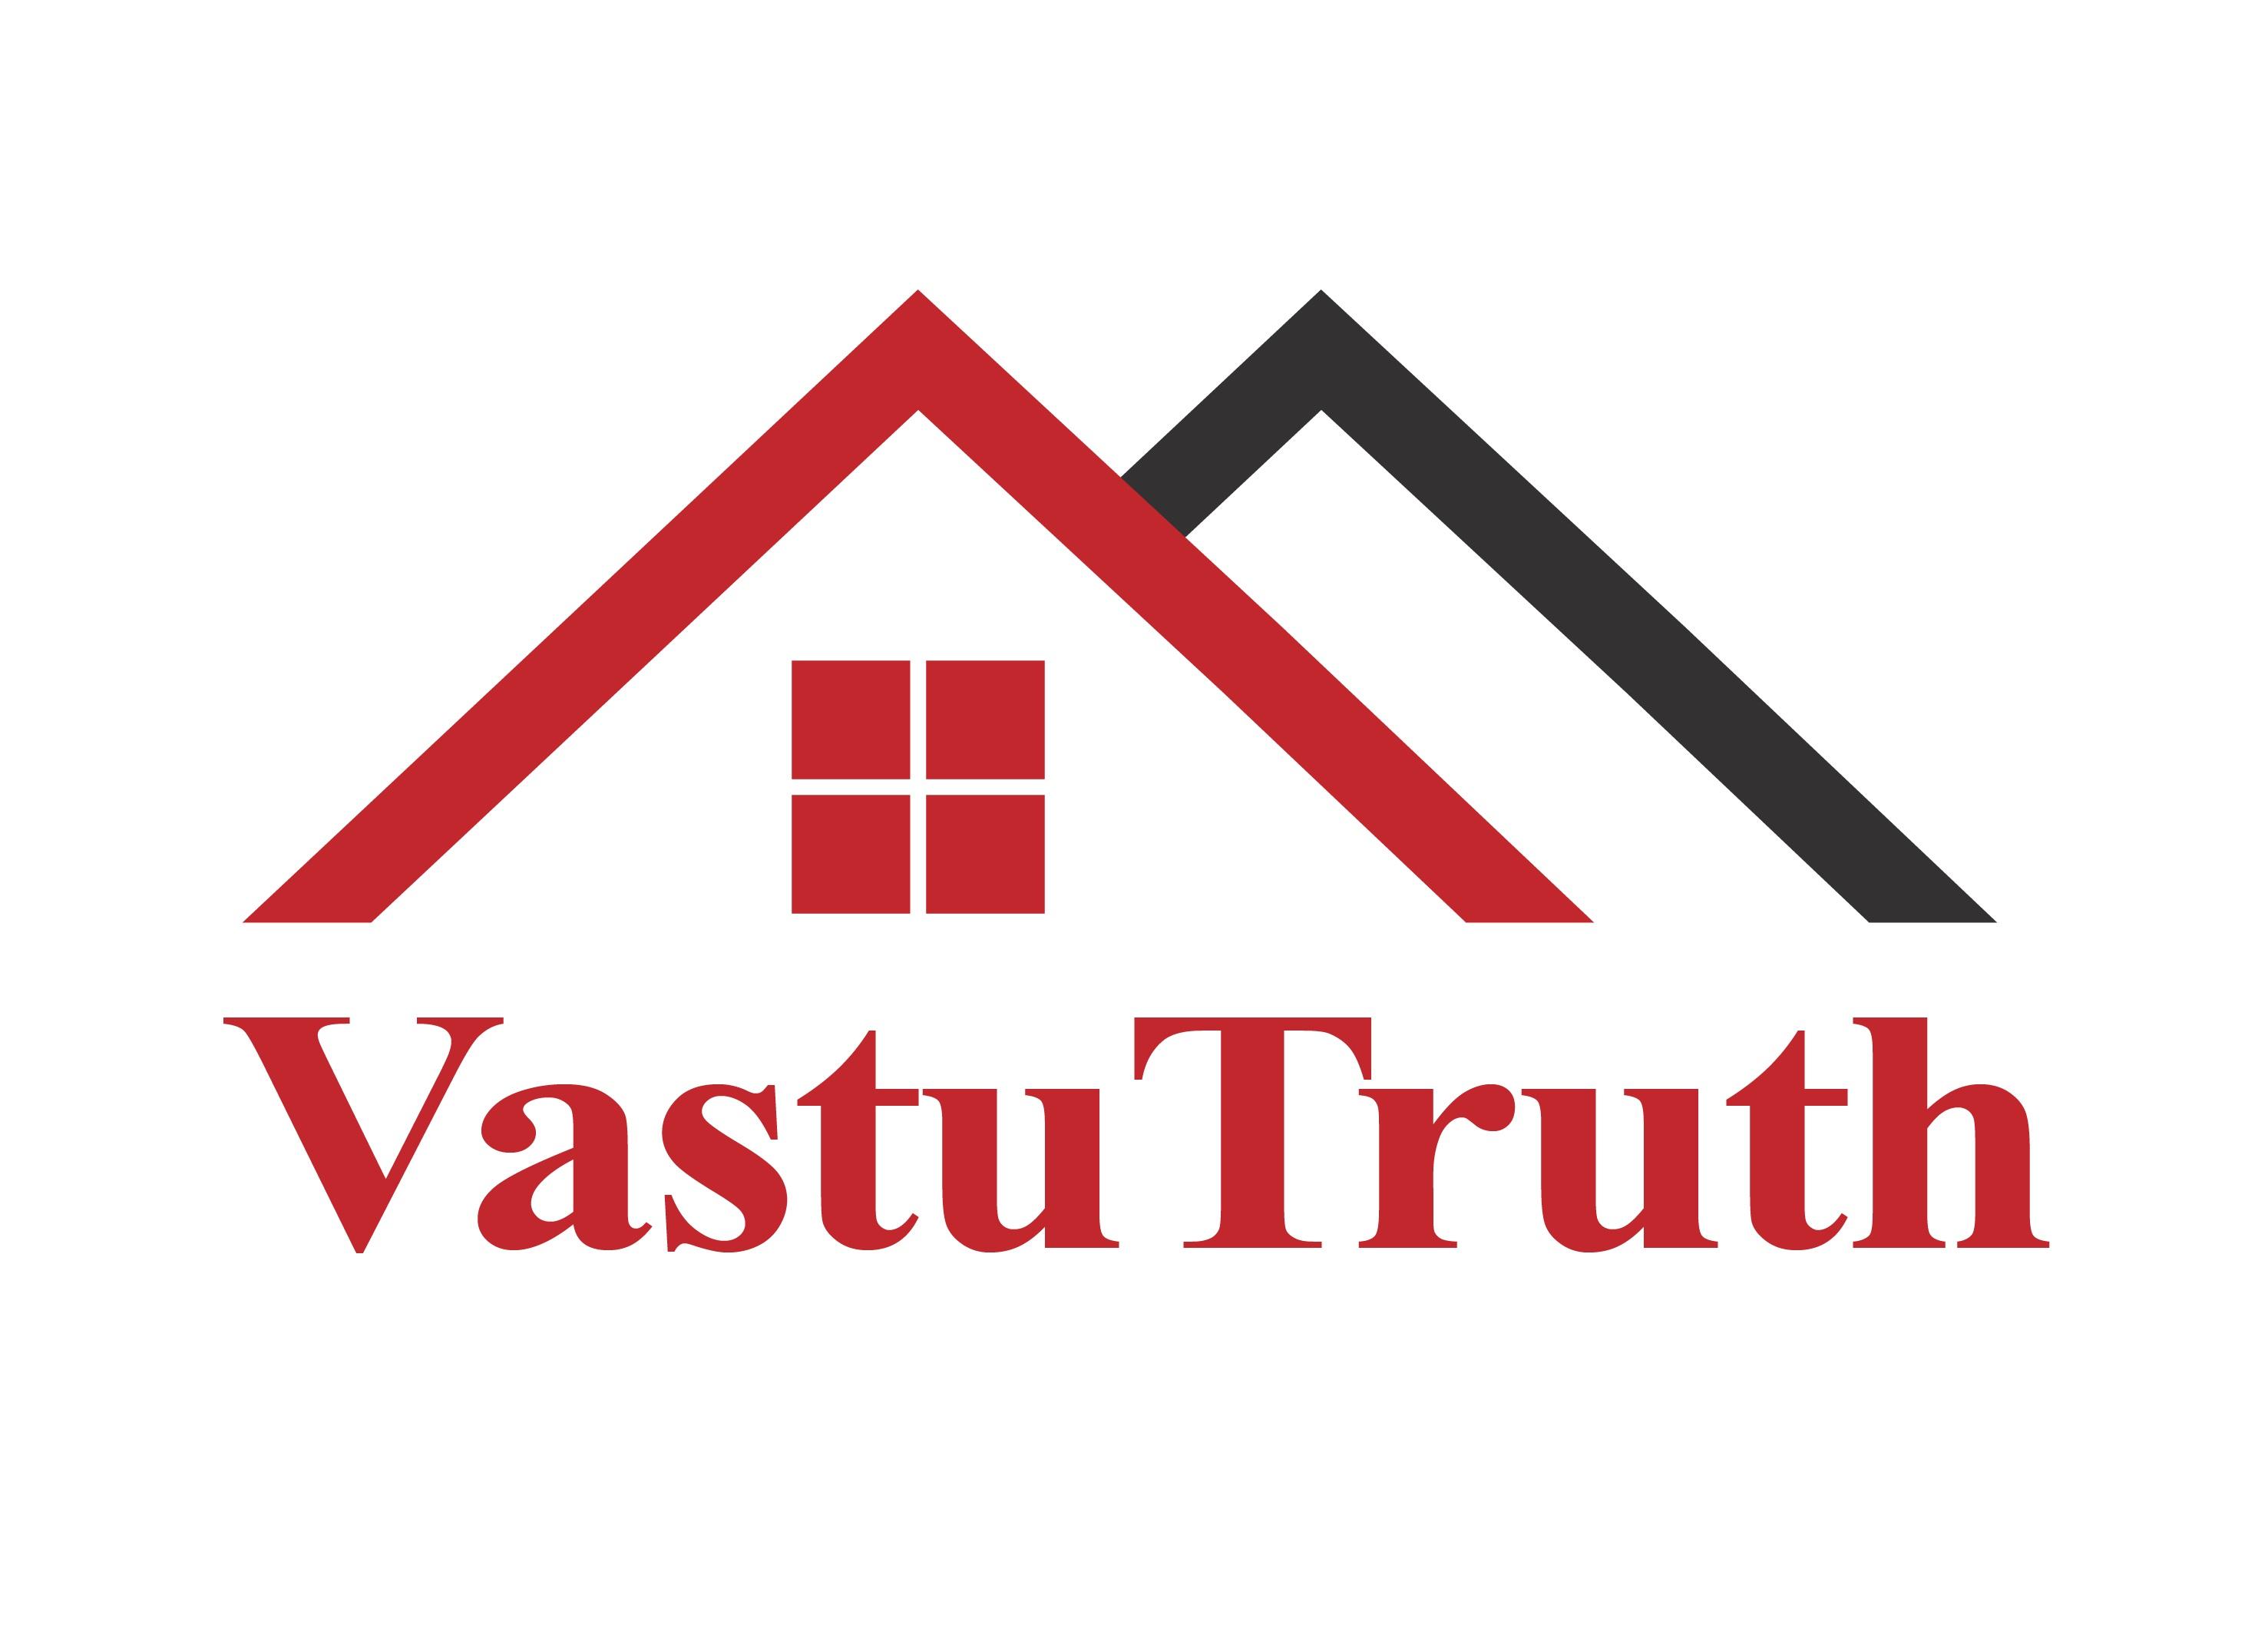 Vasthu Consultant Services in USA - VastuTruth